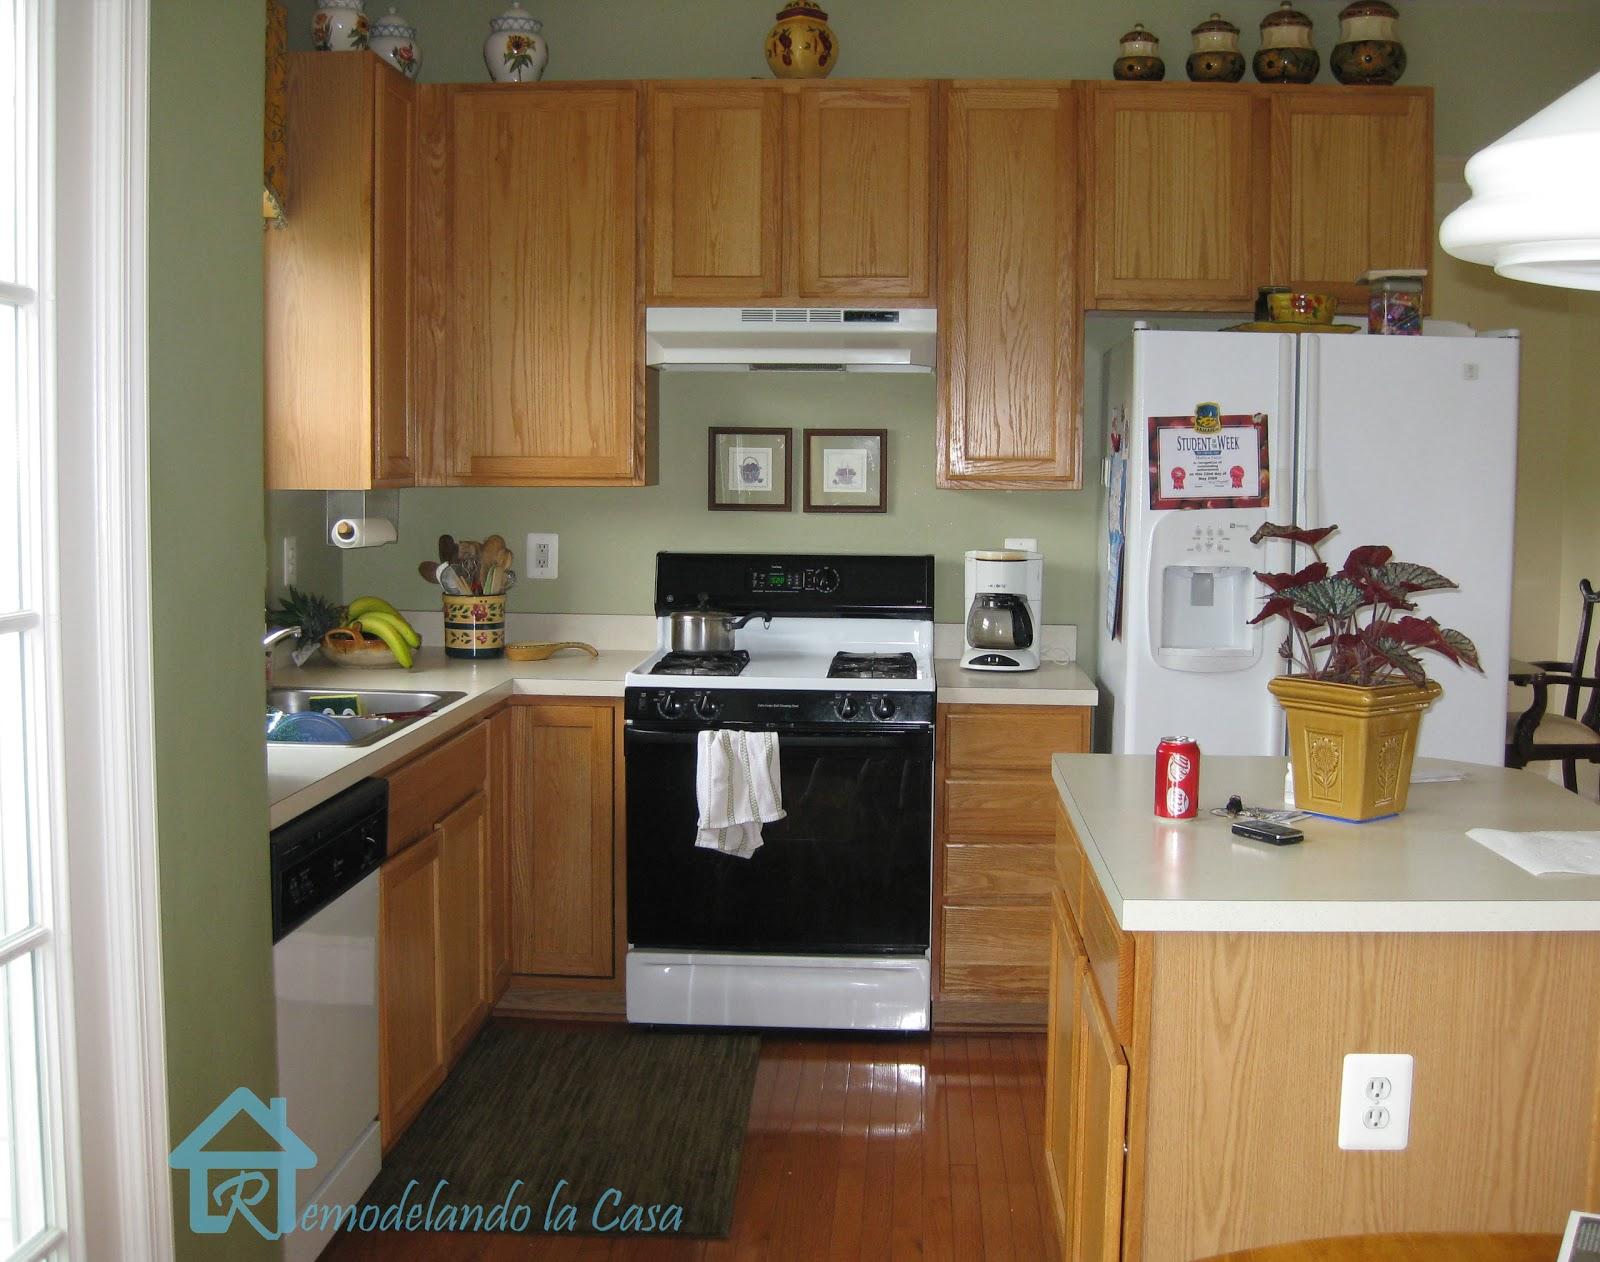 Savvy Southern Style: My Favorite Room..Remondelando la casa